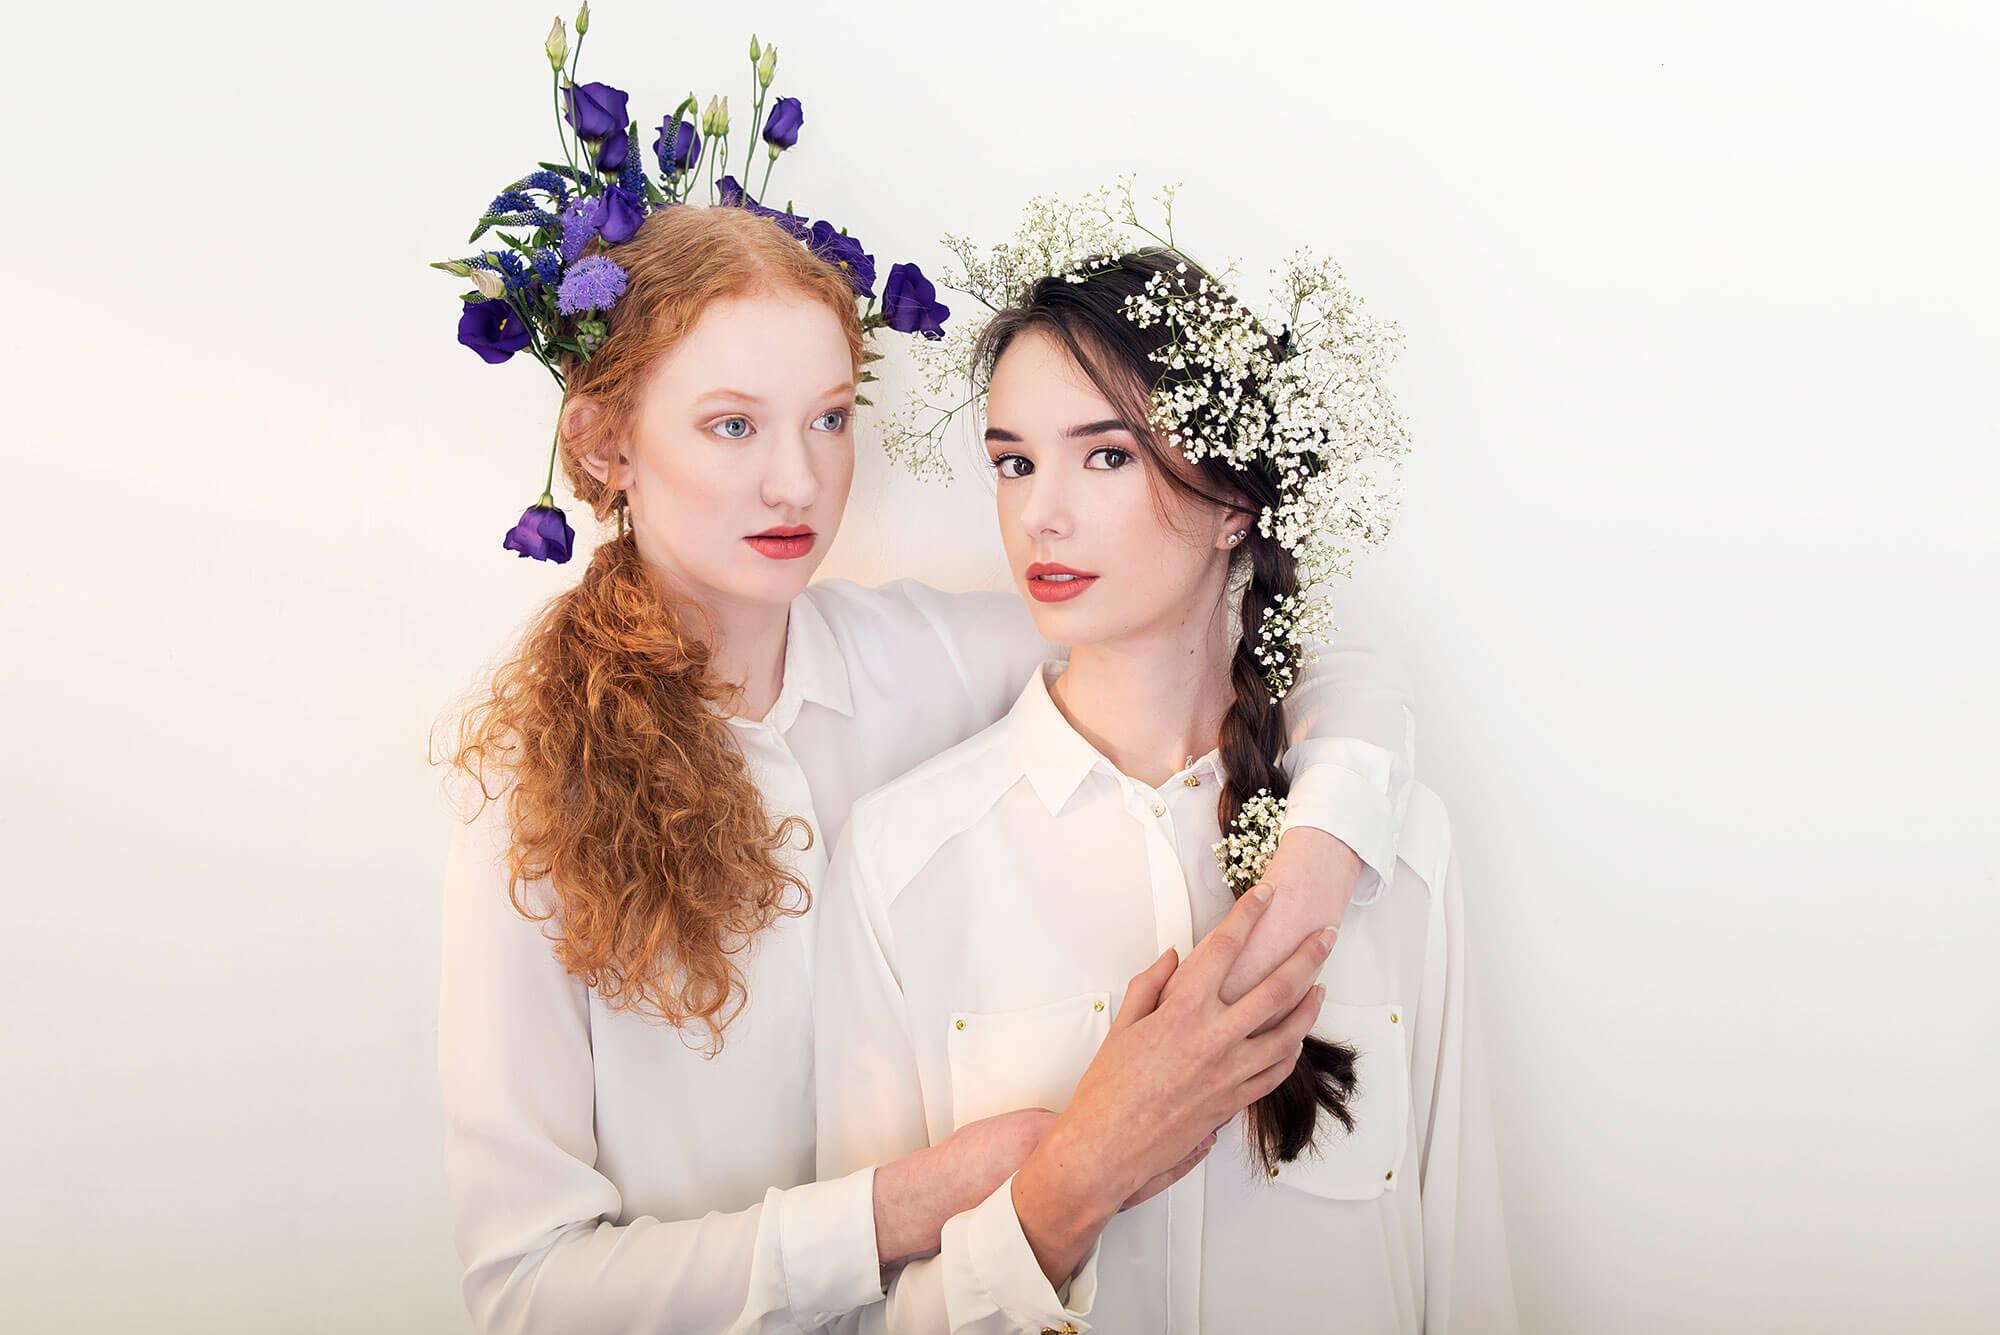 Isabel en Flowers 2.0 portret